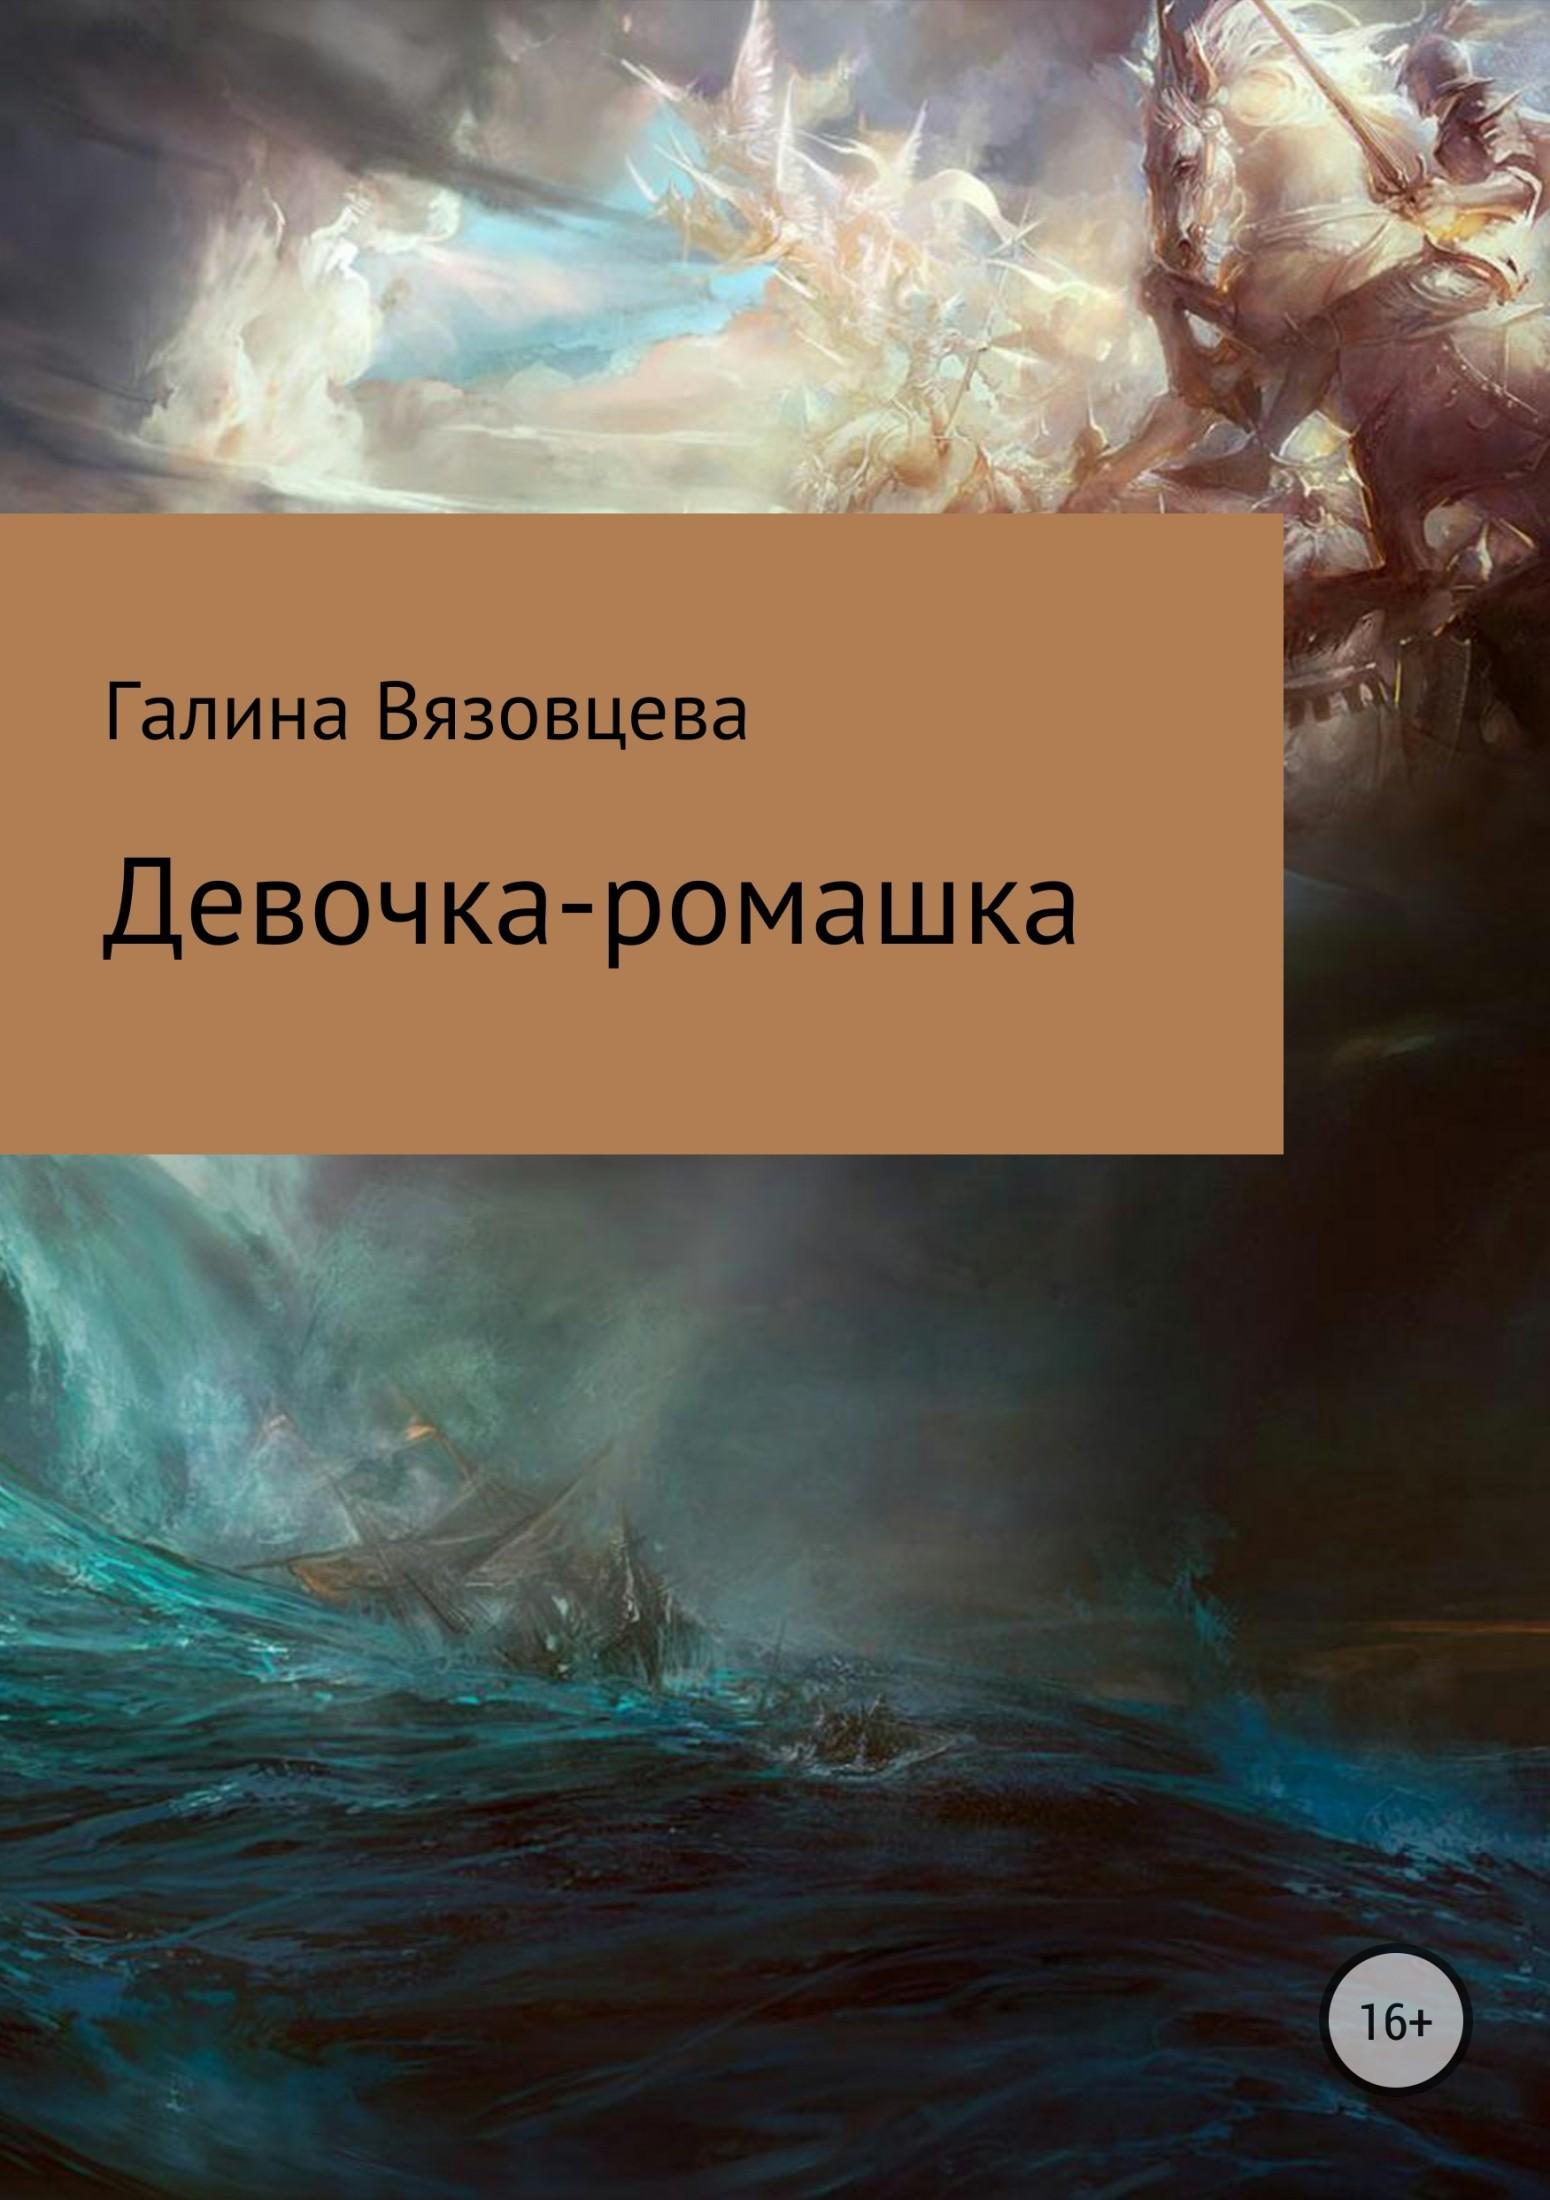 Галина Сергеевна Вязовцева. Девочка-ромашка